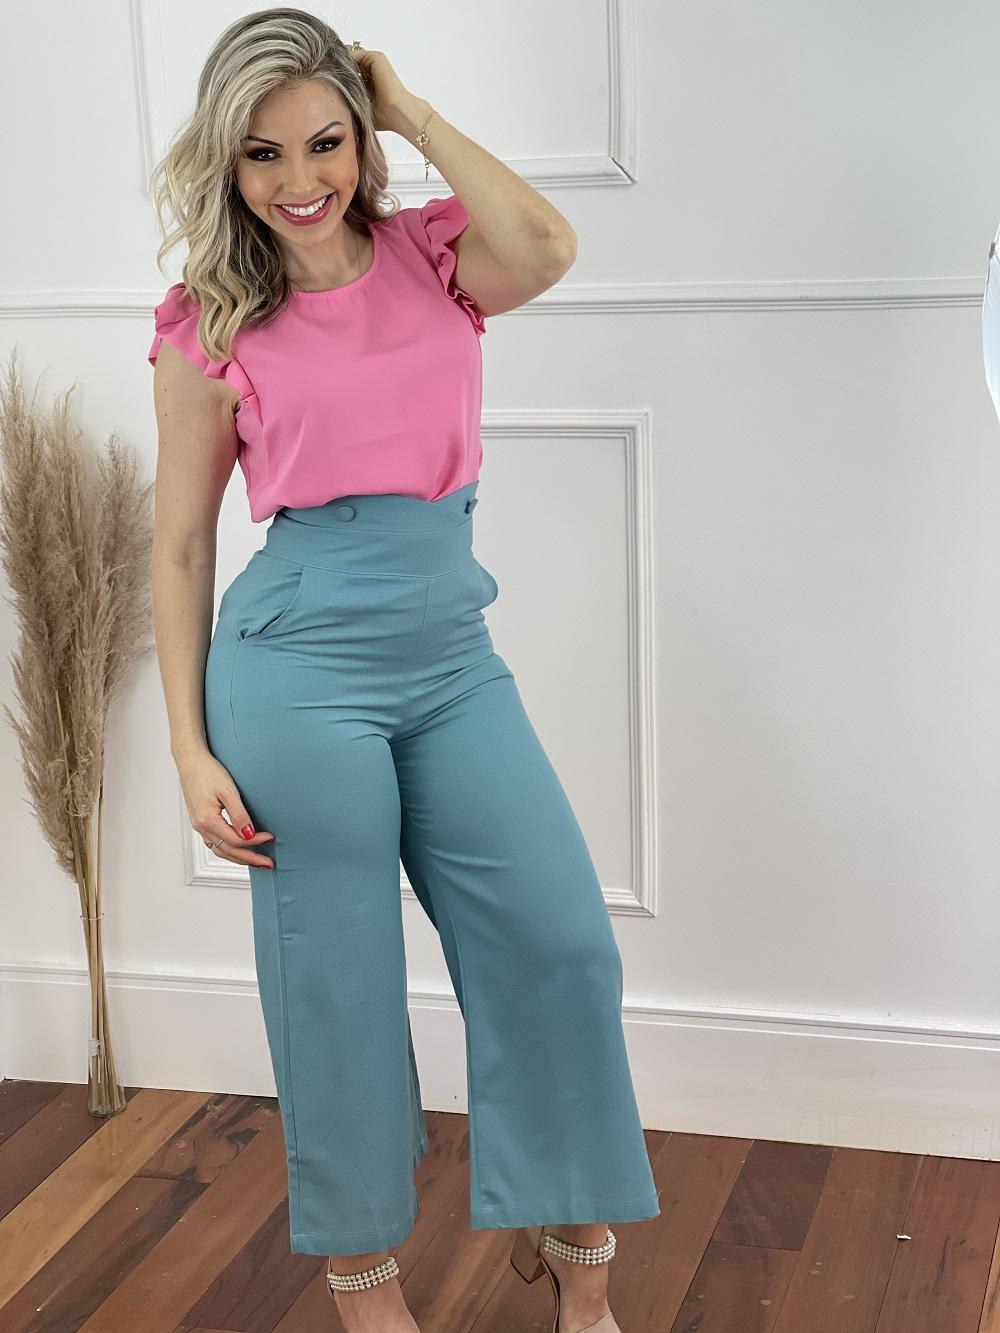 Look Pronto: Blusa Regata Plissado Ombro Rosa + Calça Salopete em Linho Azul